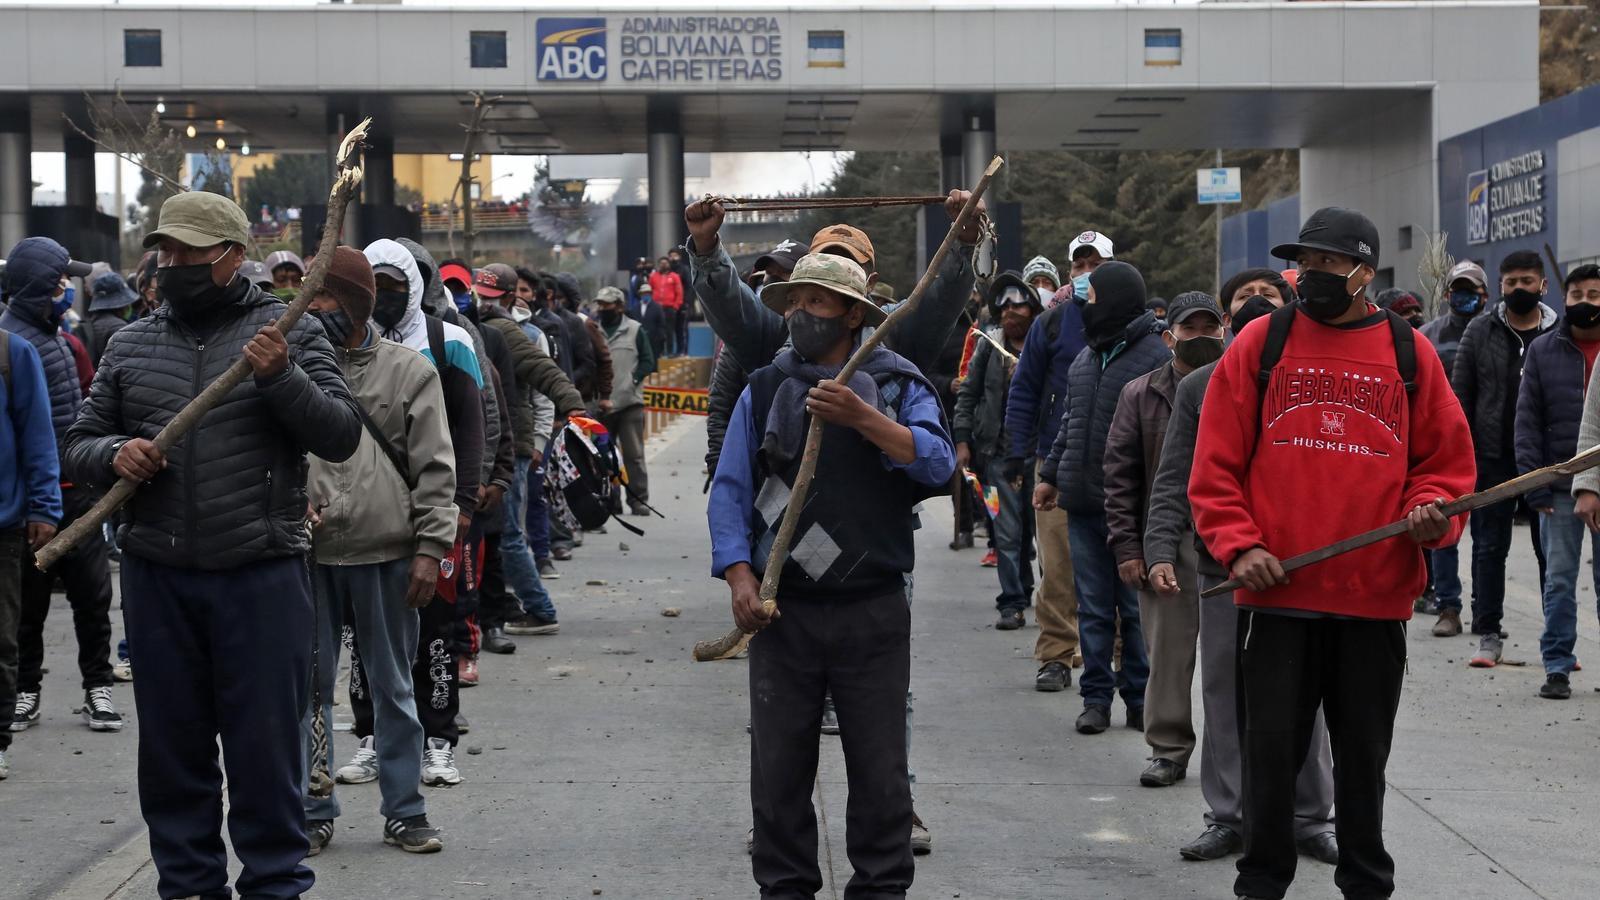 Manifestants, armats amb pals, en un dels talls a les carreteres de Bolívia